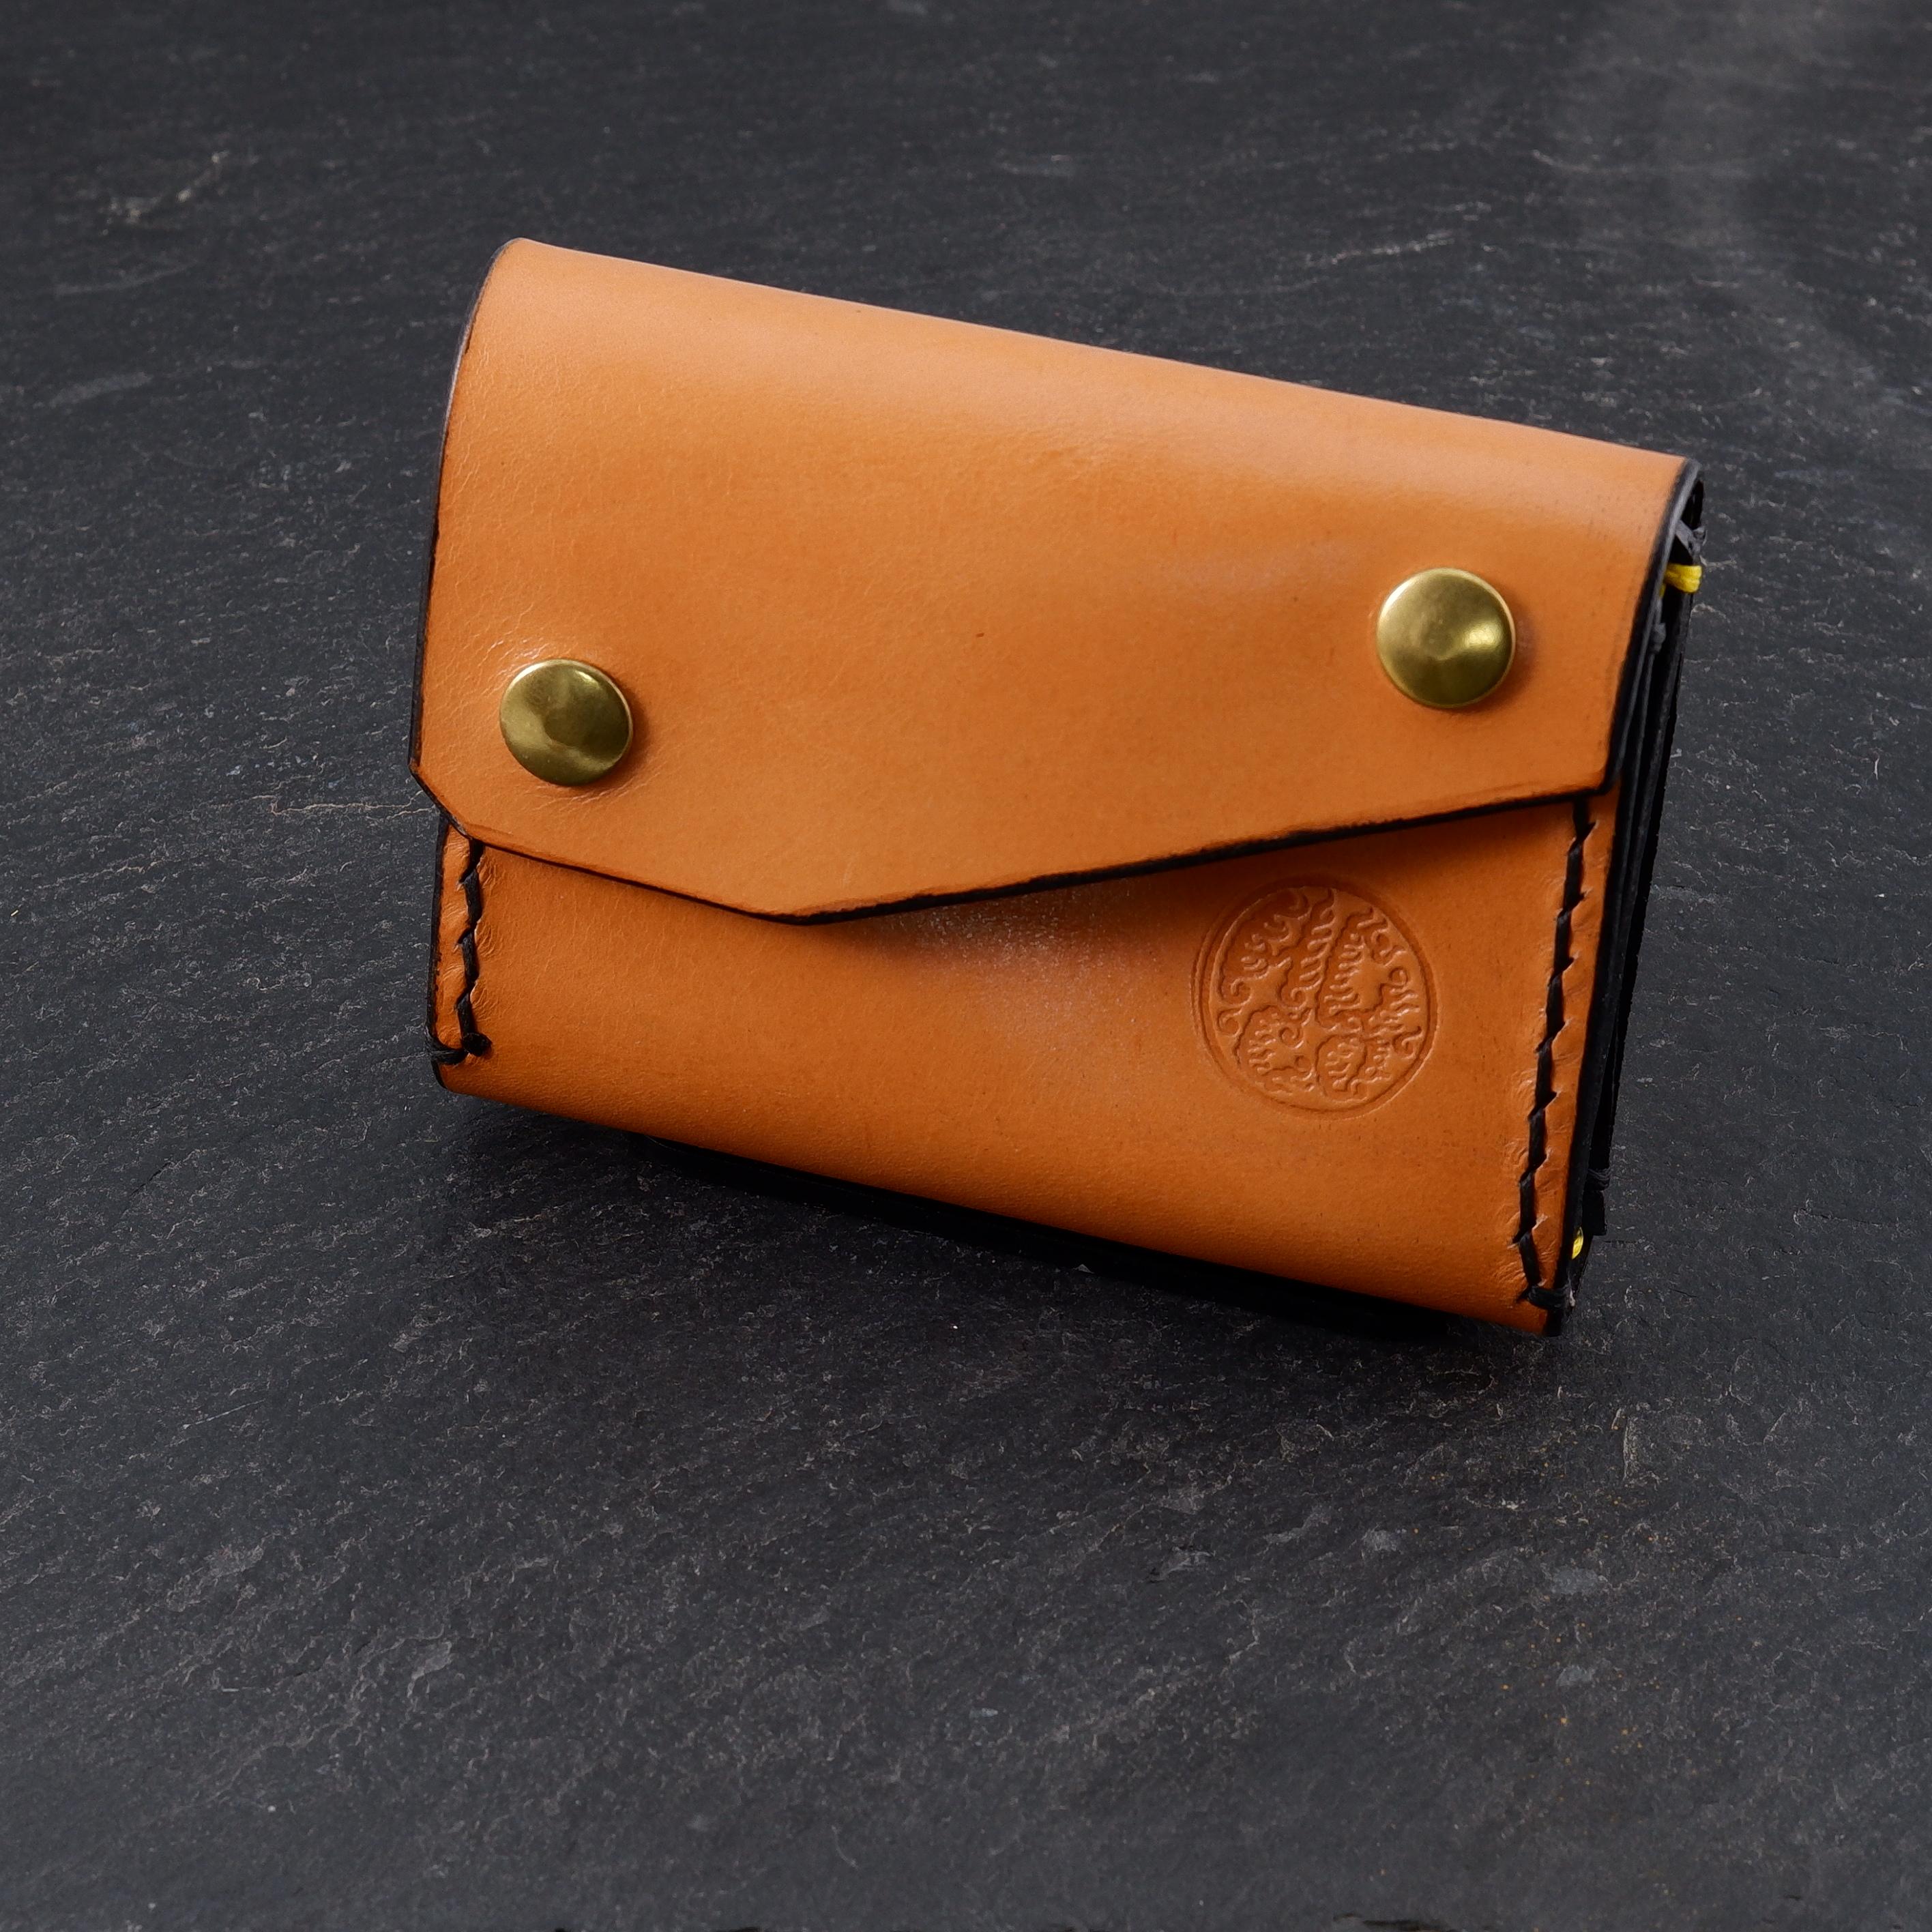 Leather wallet HCCO Logo by GuyLeTattooer